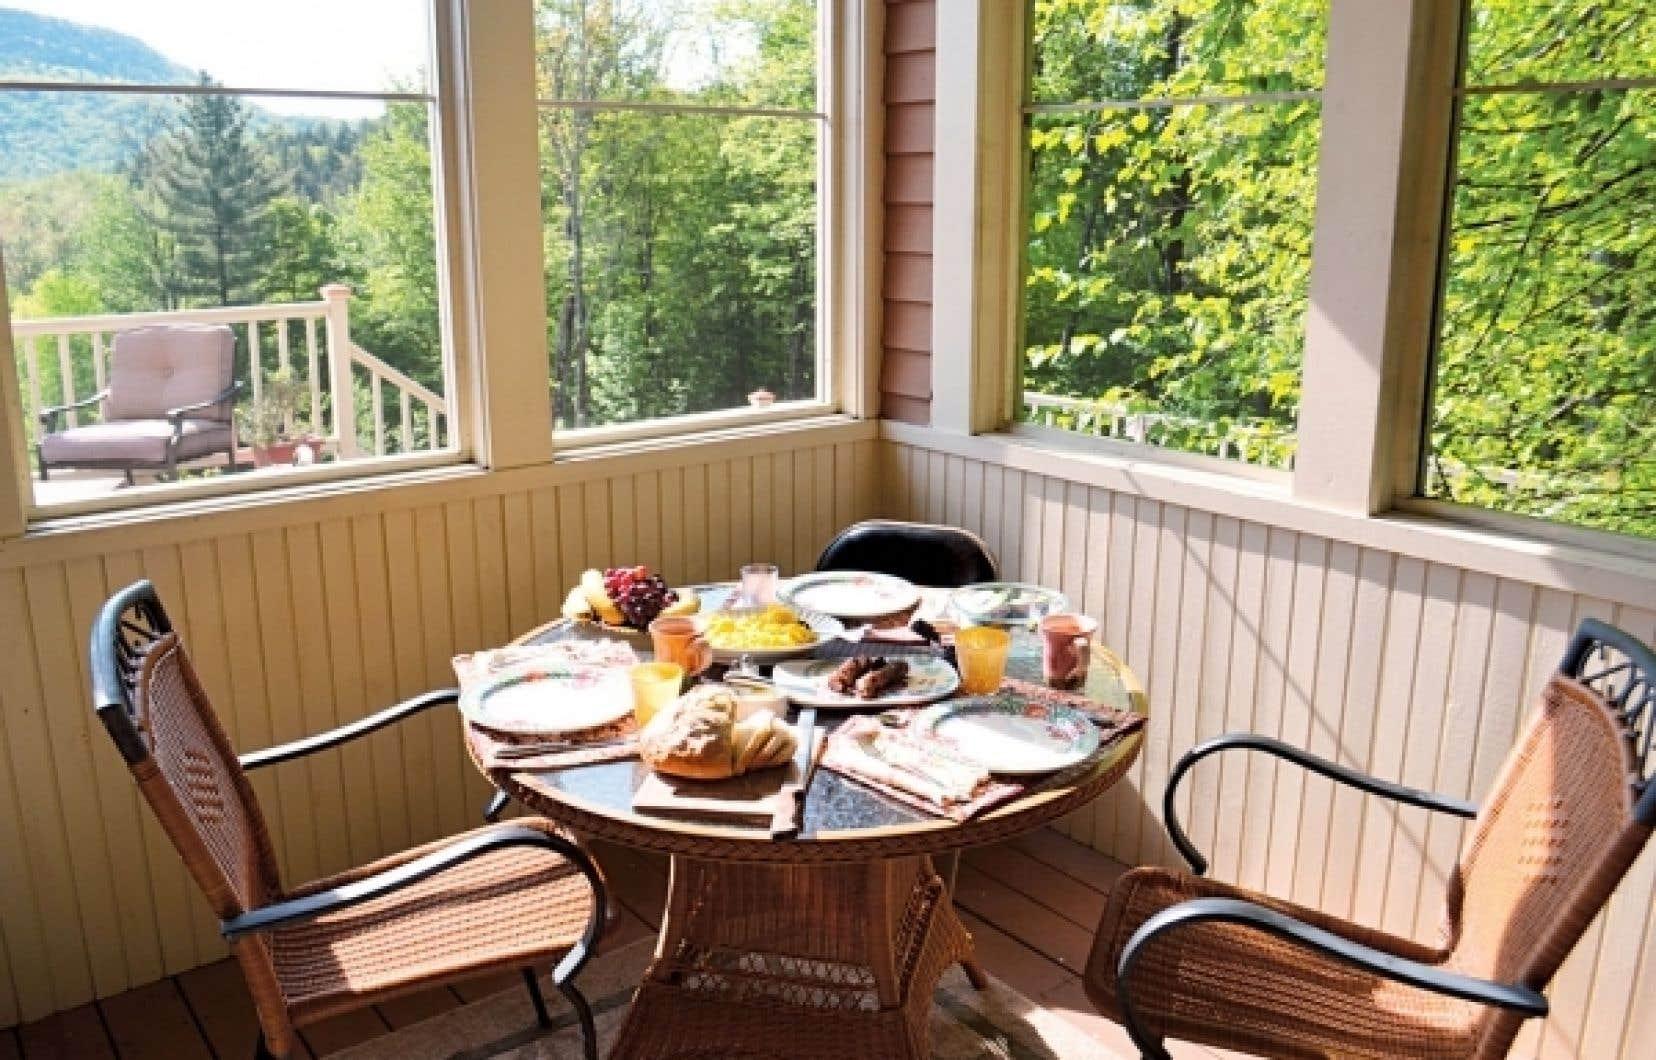 Au petit-déjeuner: du lait des chèvres que nous avons traites la veille, des œufs des poules et des saucisses des porcs élevés sur place.